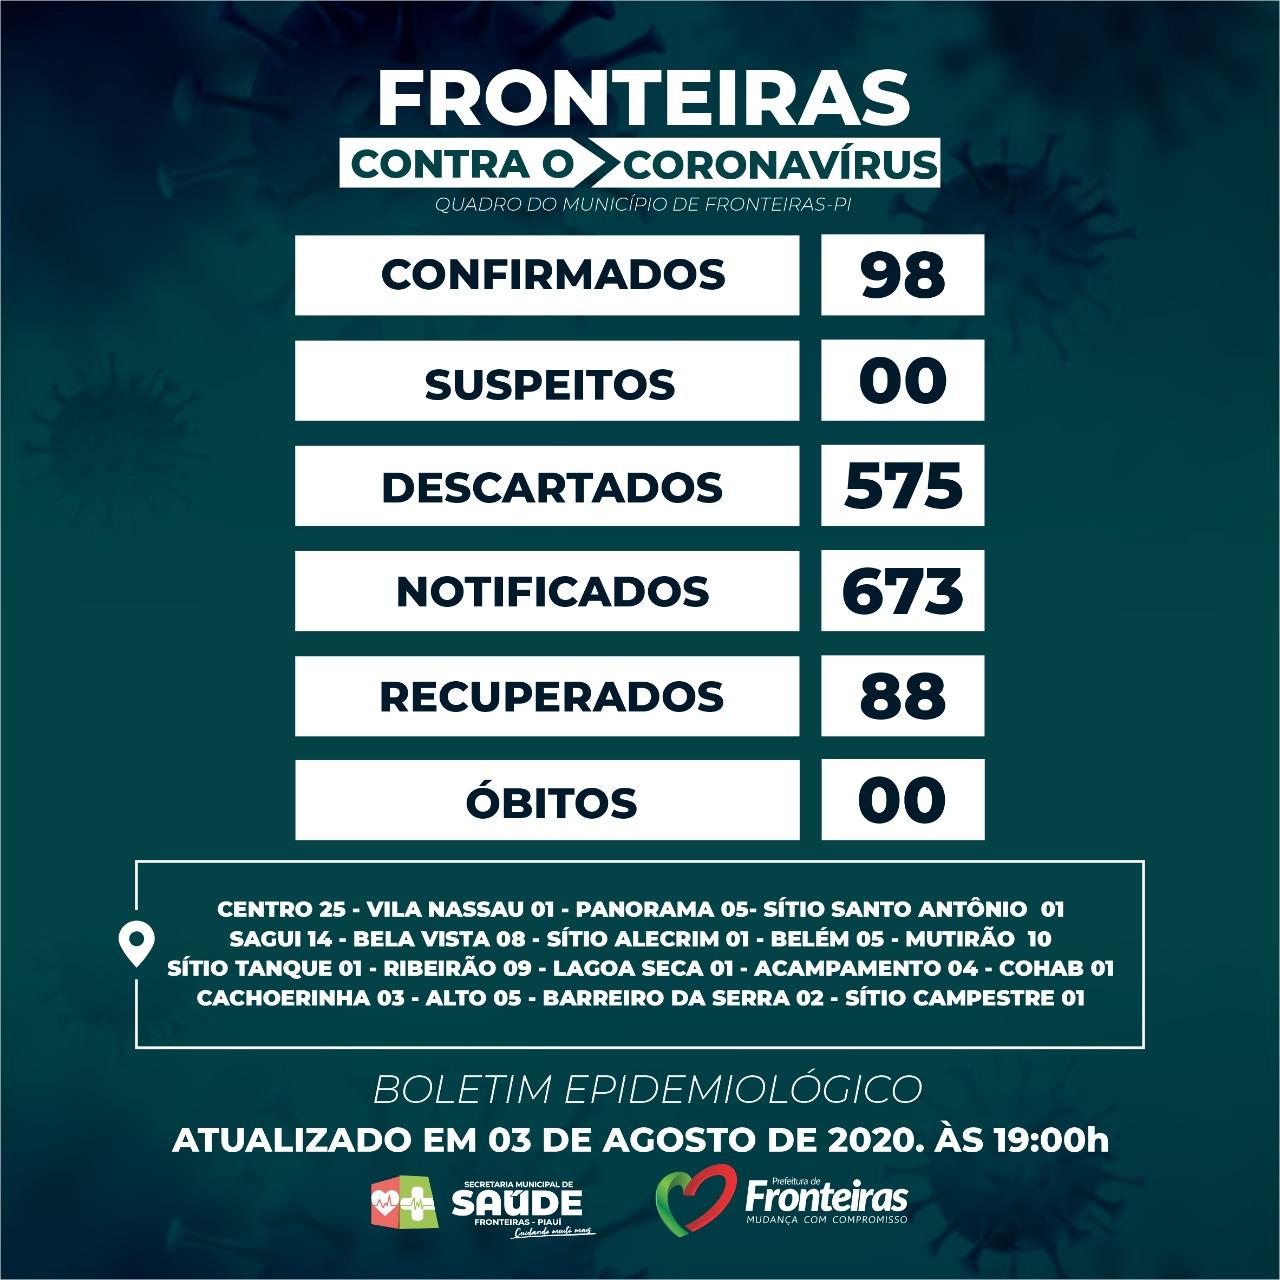 FRONTEIRAS (PI) - BOLETIM EPIDEMIOLÓGICO DE 03/08/2020